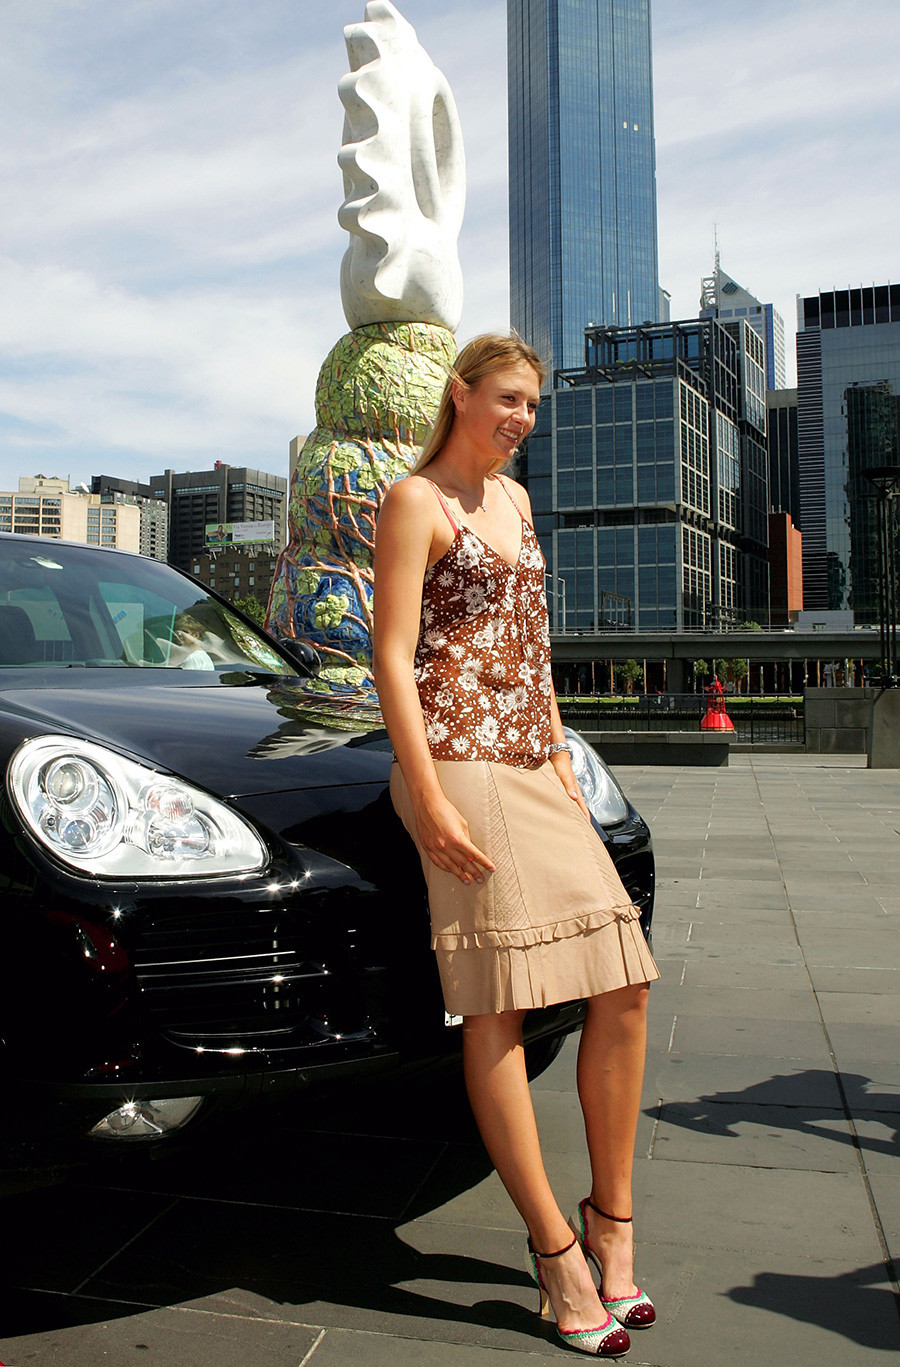 Шарапова позира после донације у добротворне сврхе у вредности аутомобила Porsche Cayenne који је добила за победу на ВТА првенству 2004. године. Мелбурн, Аустралија, 28. јануар 2005, дванаести дан турнира Australian Open.